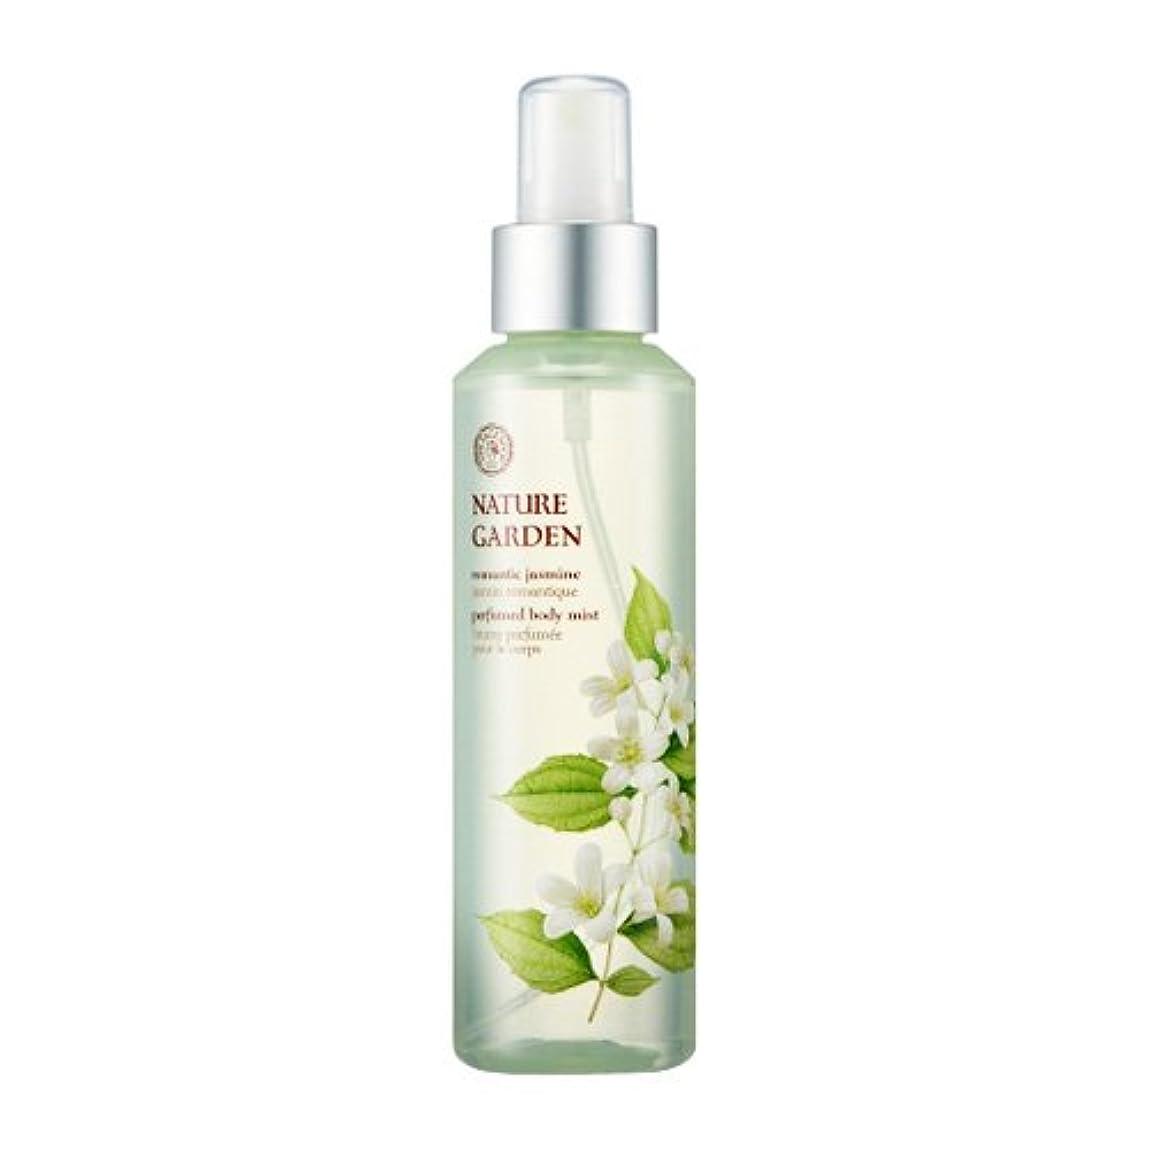 電報不透明な心理学THE FACE SHOP NATURE GARDEN (Romantic Jasmine) Perfume Body Mist / ザ?フェイスショップ ネイチャーガーデン パフューム ボディミスト [並行輸入品]